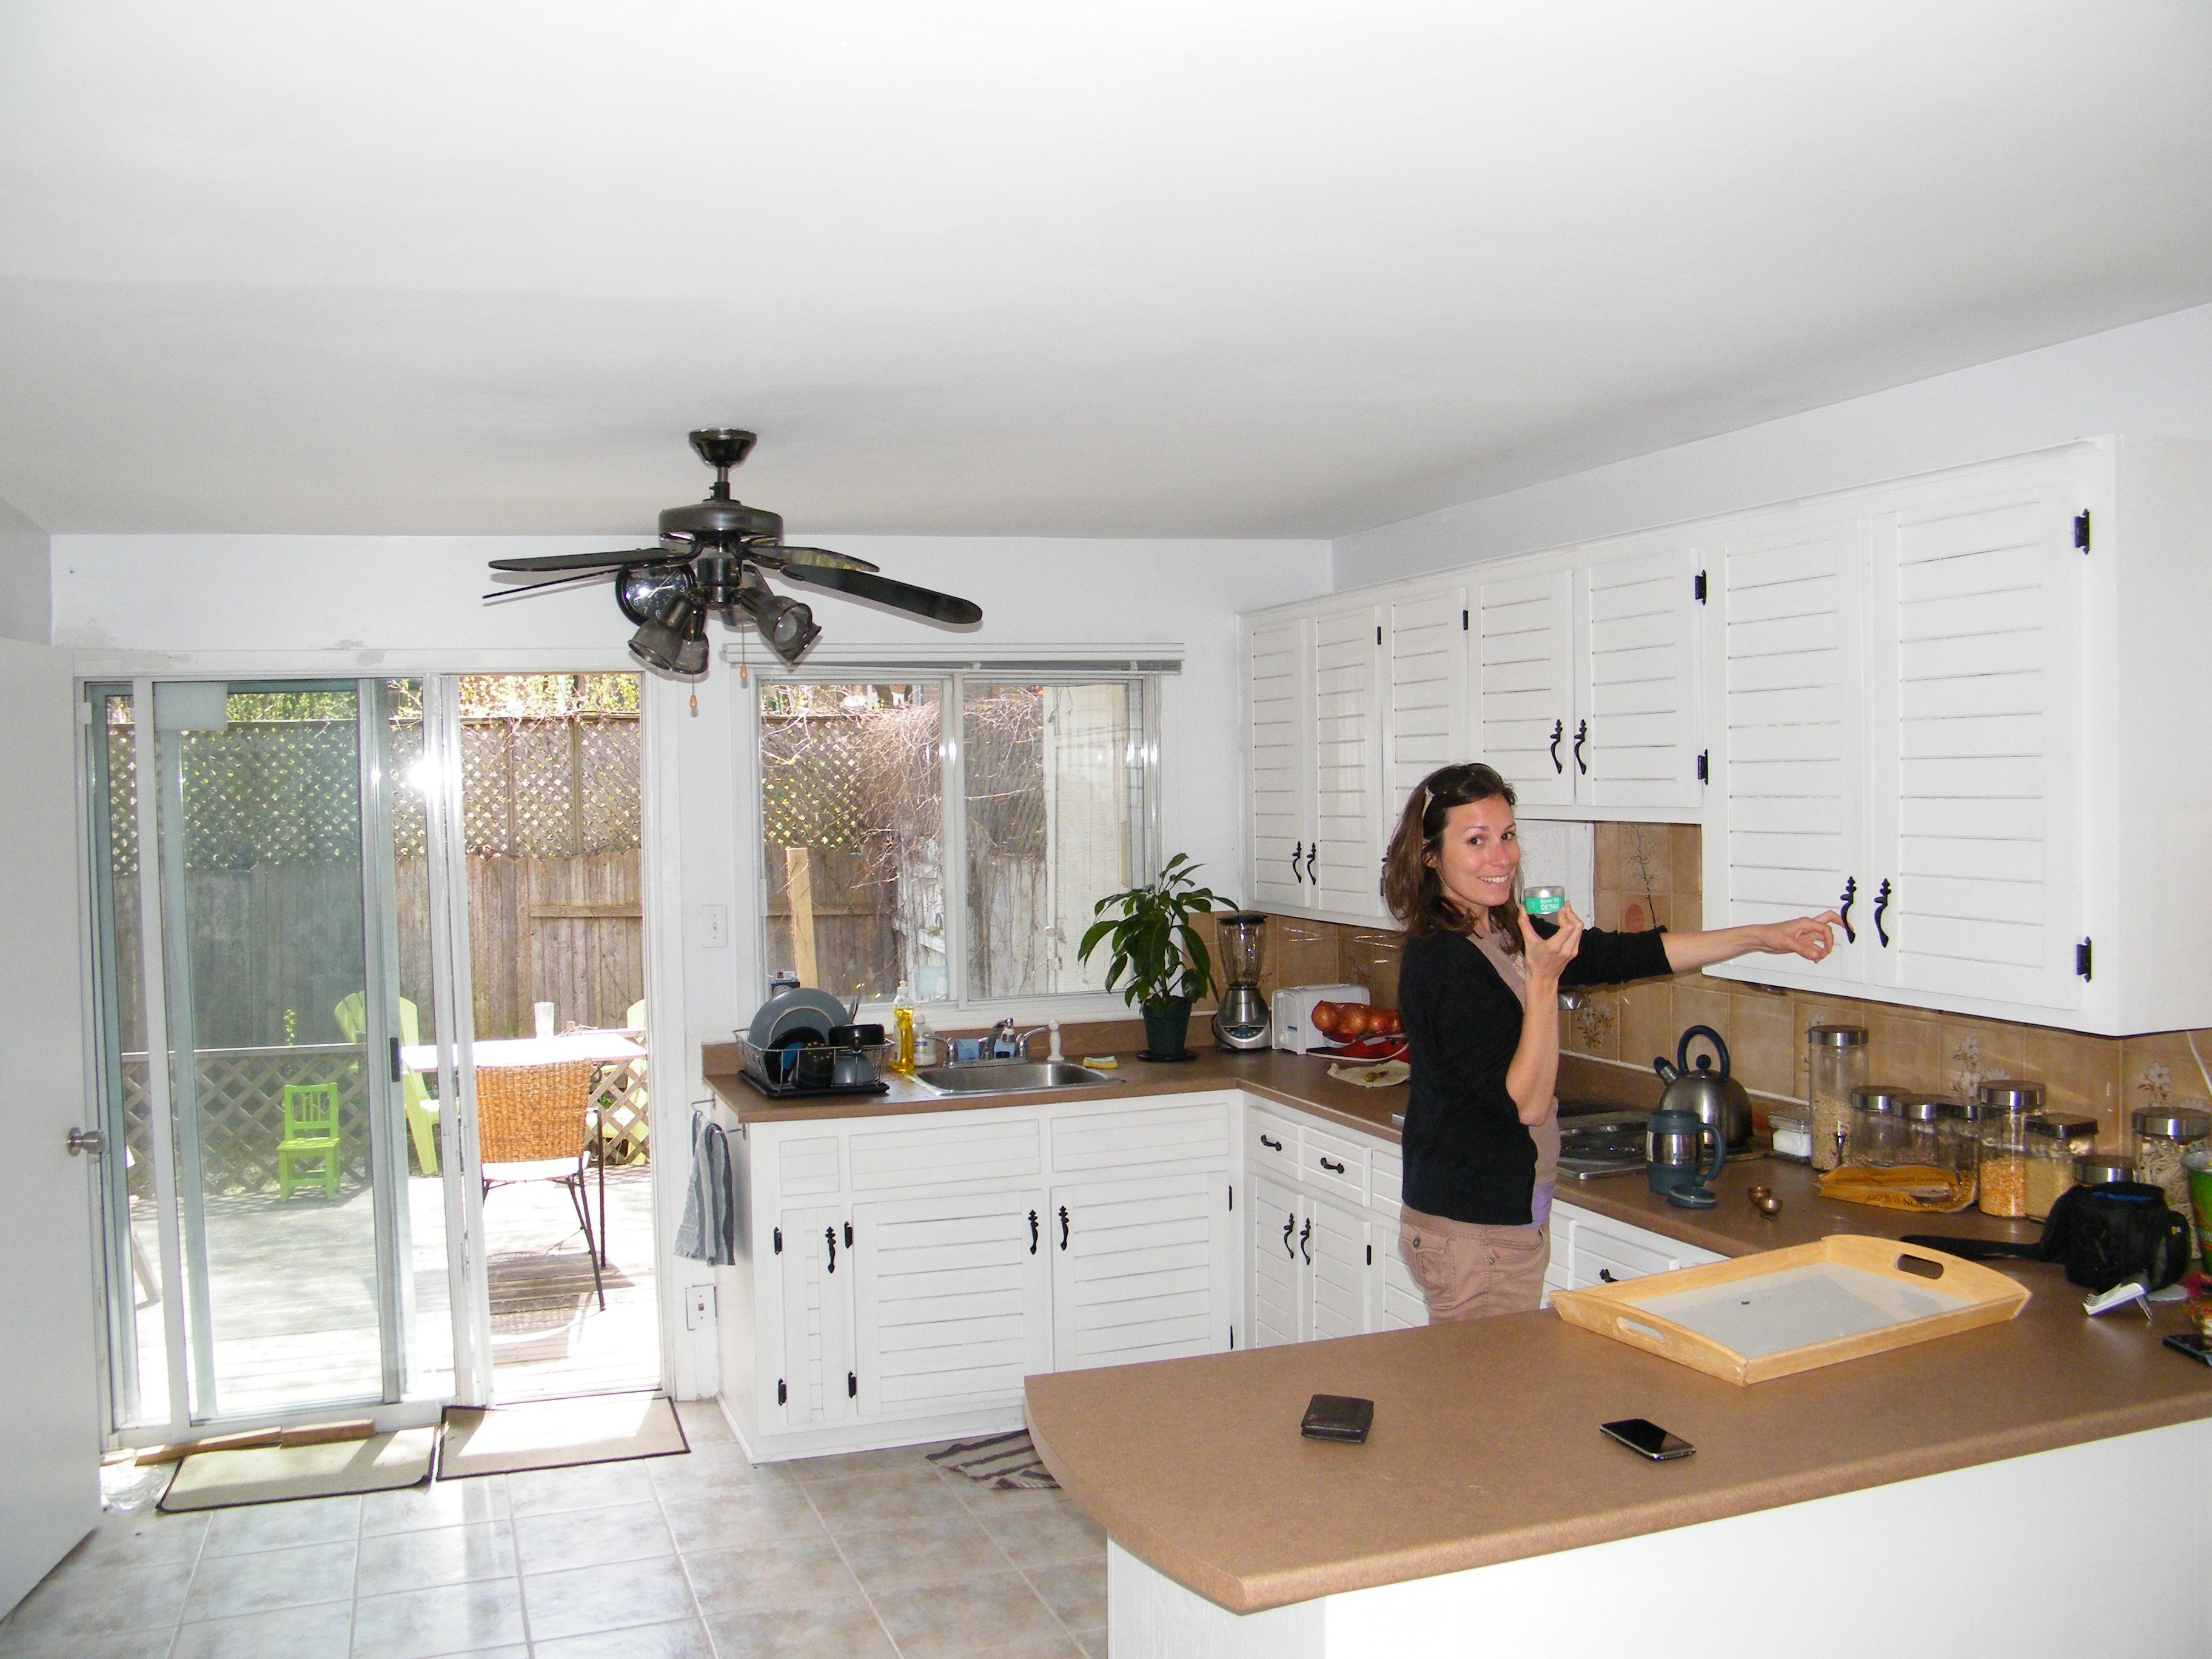 home new sweet home la jasette d 39 elo et toto. Black Bedroom Furniture Sets. Home Design Ideas